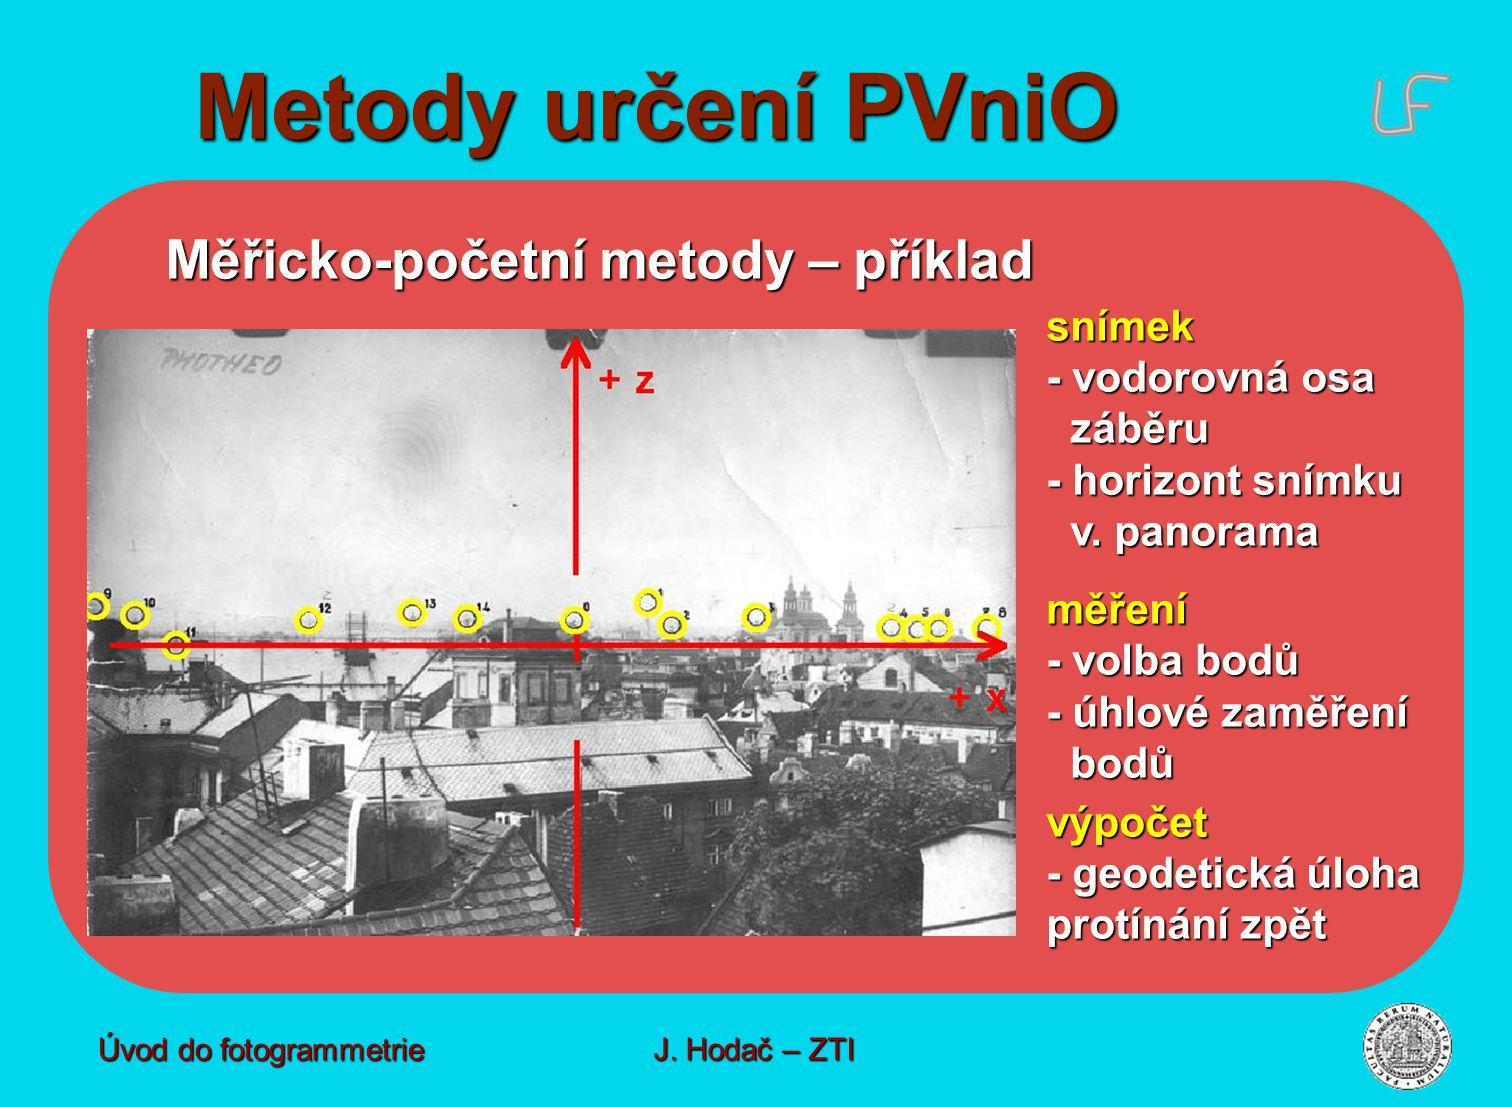 Metody určení PVniO Úvod do fotogrammetrie J. Hodač – ZTI Měřicko-početní metody – příklad snímek - vodorovná osa záběru záběru - horizont snímku v. p